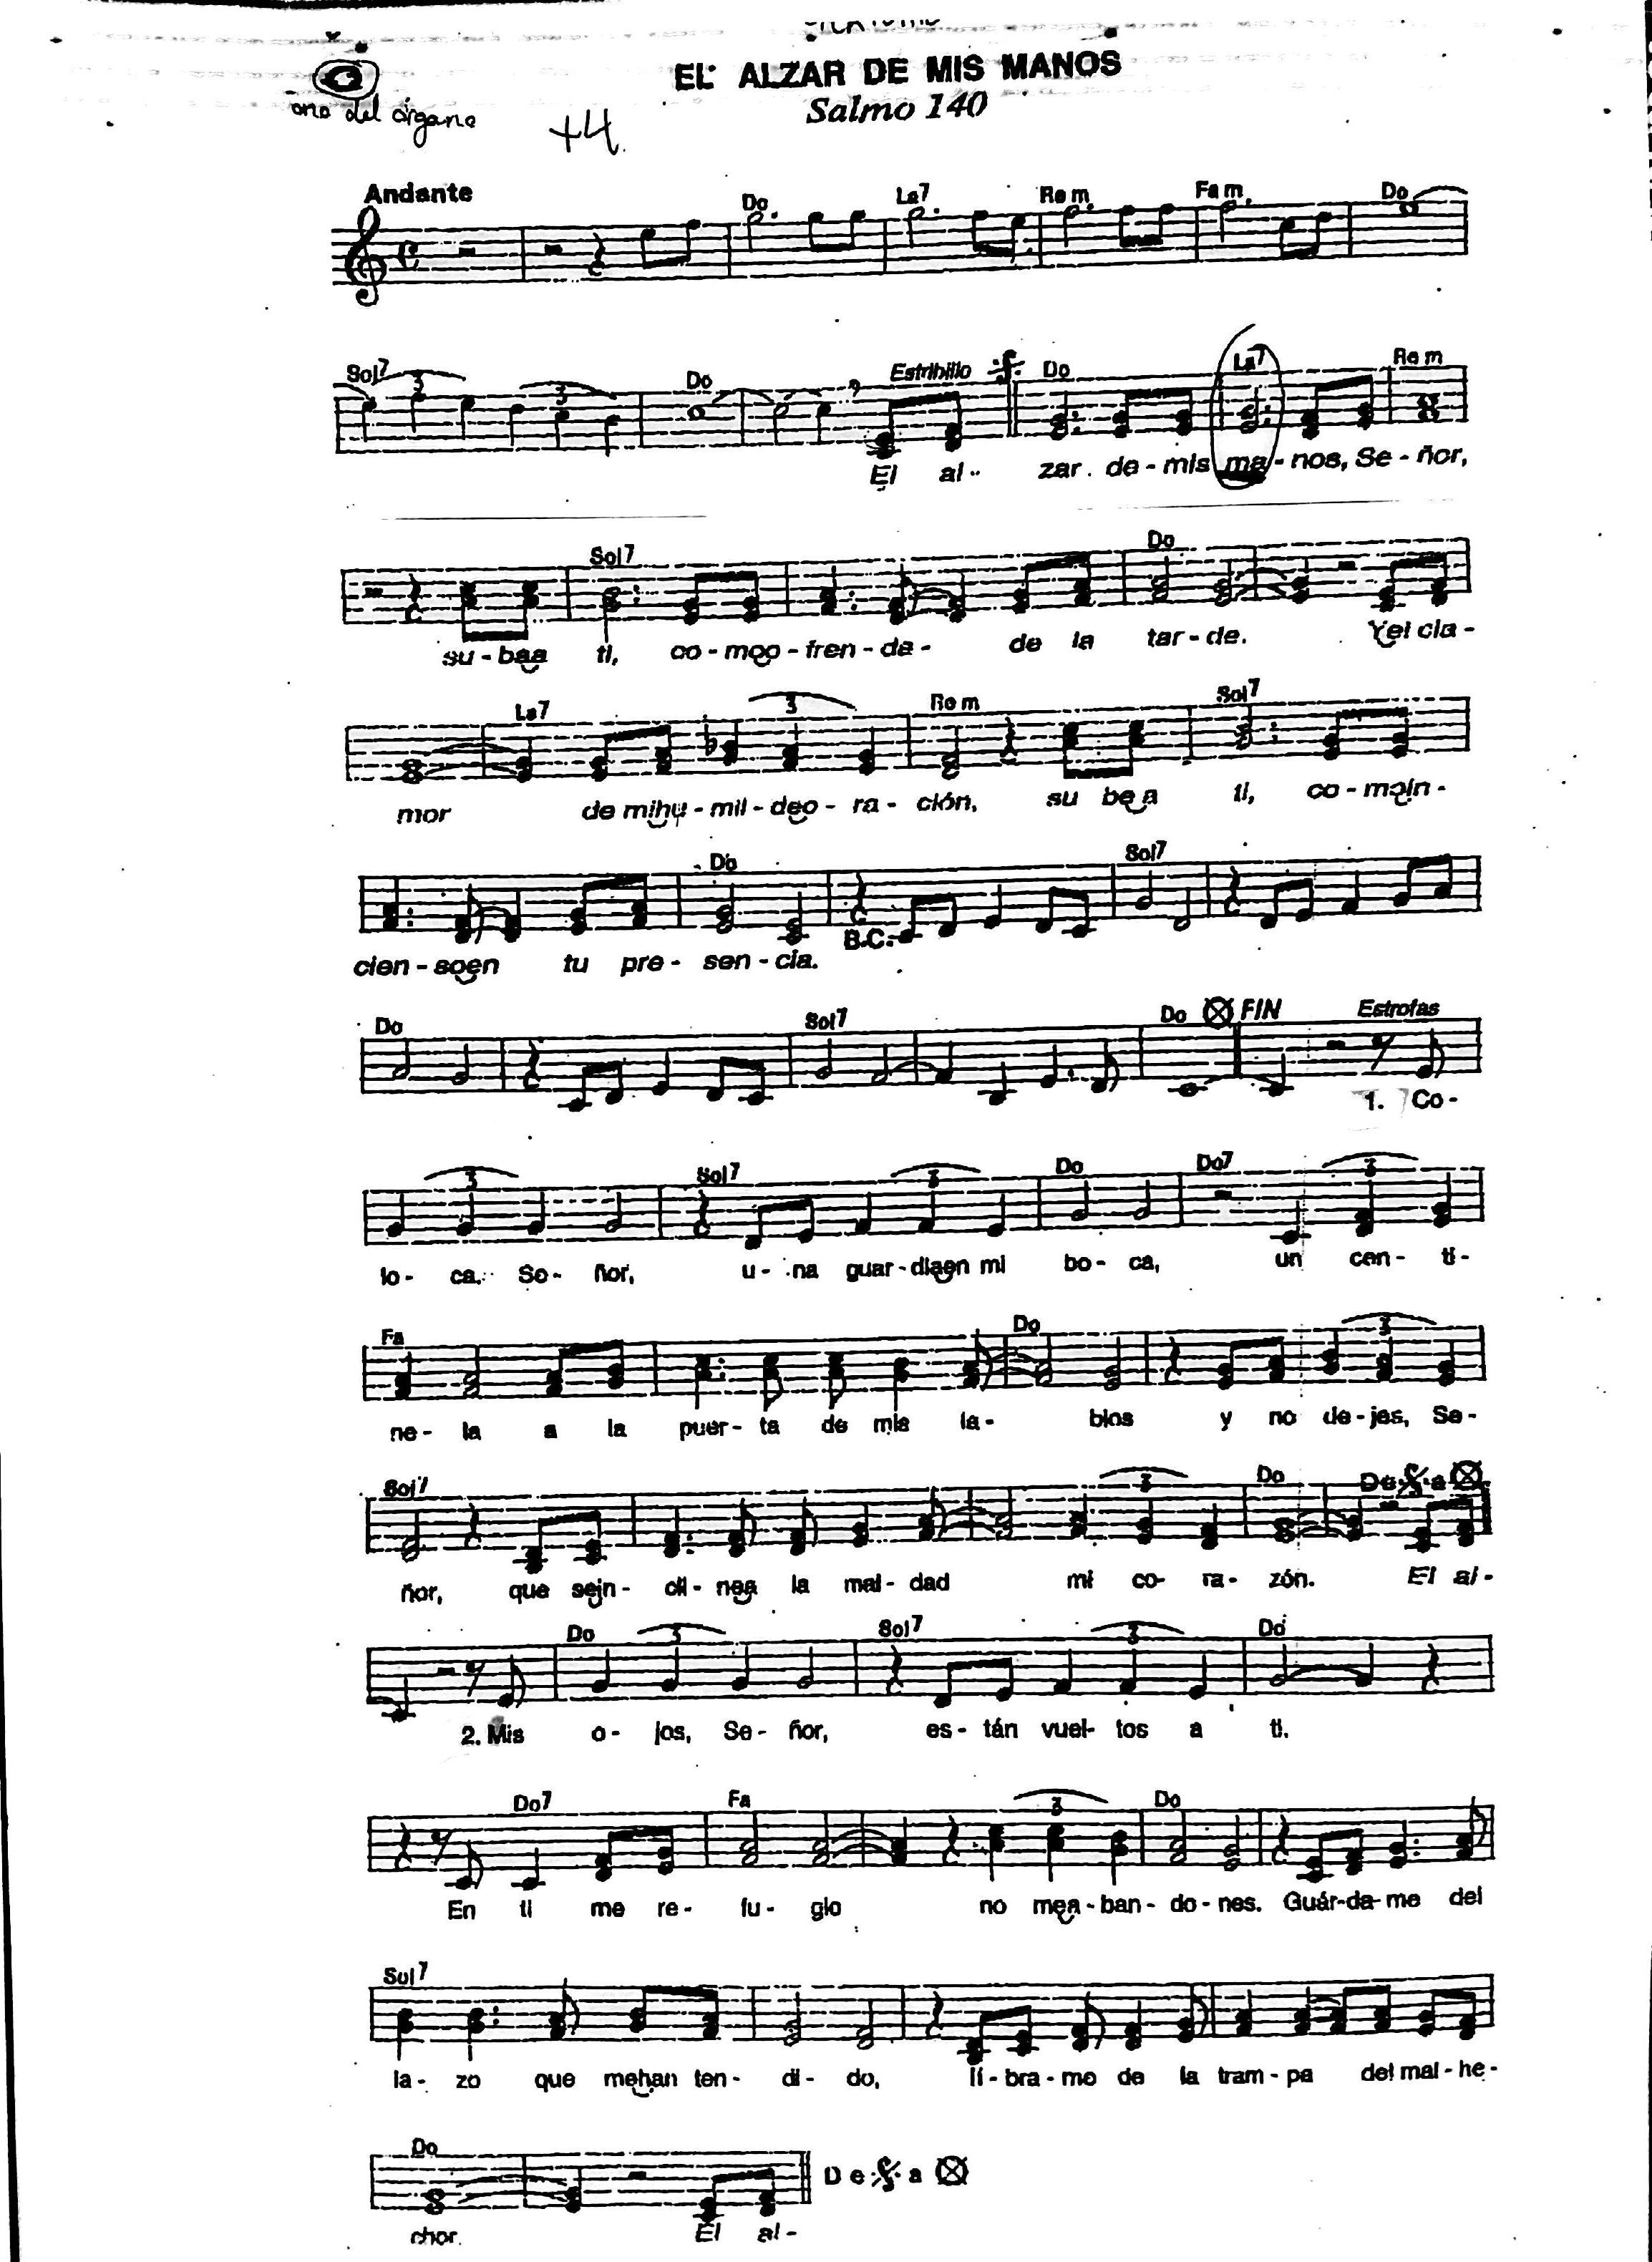 Cantos de ofertorio acordes for Tu jardin con enanitos acordes